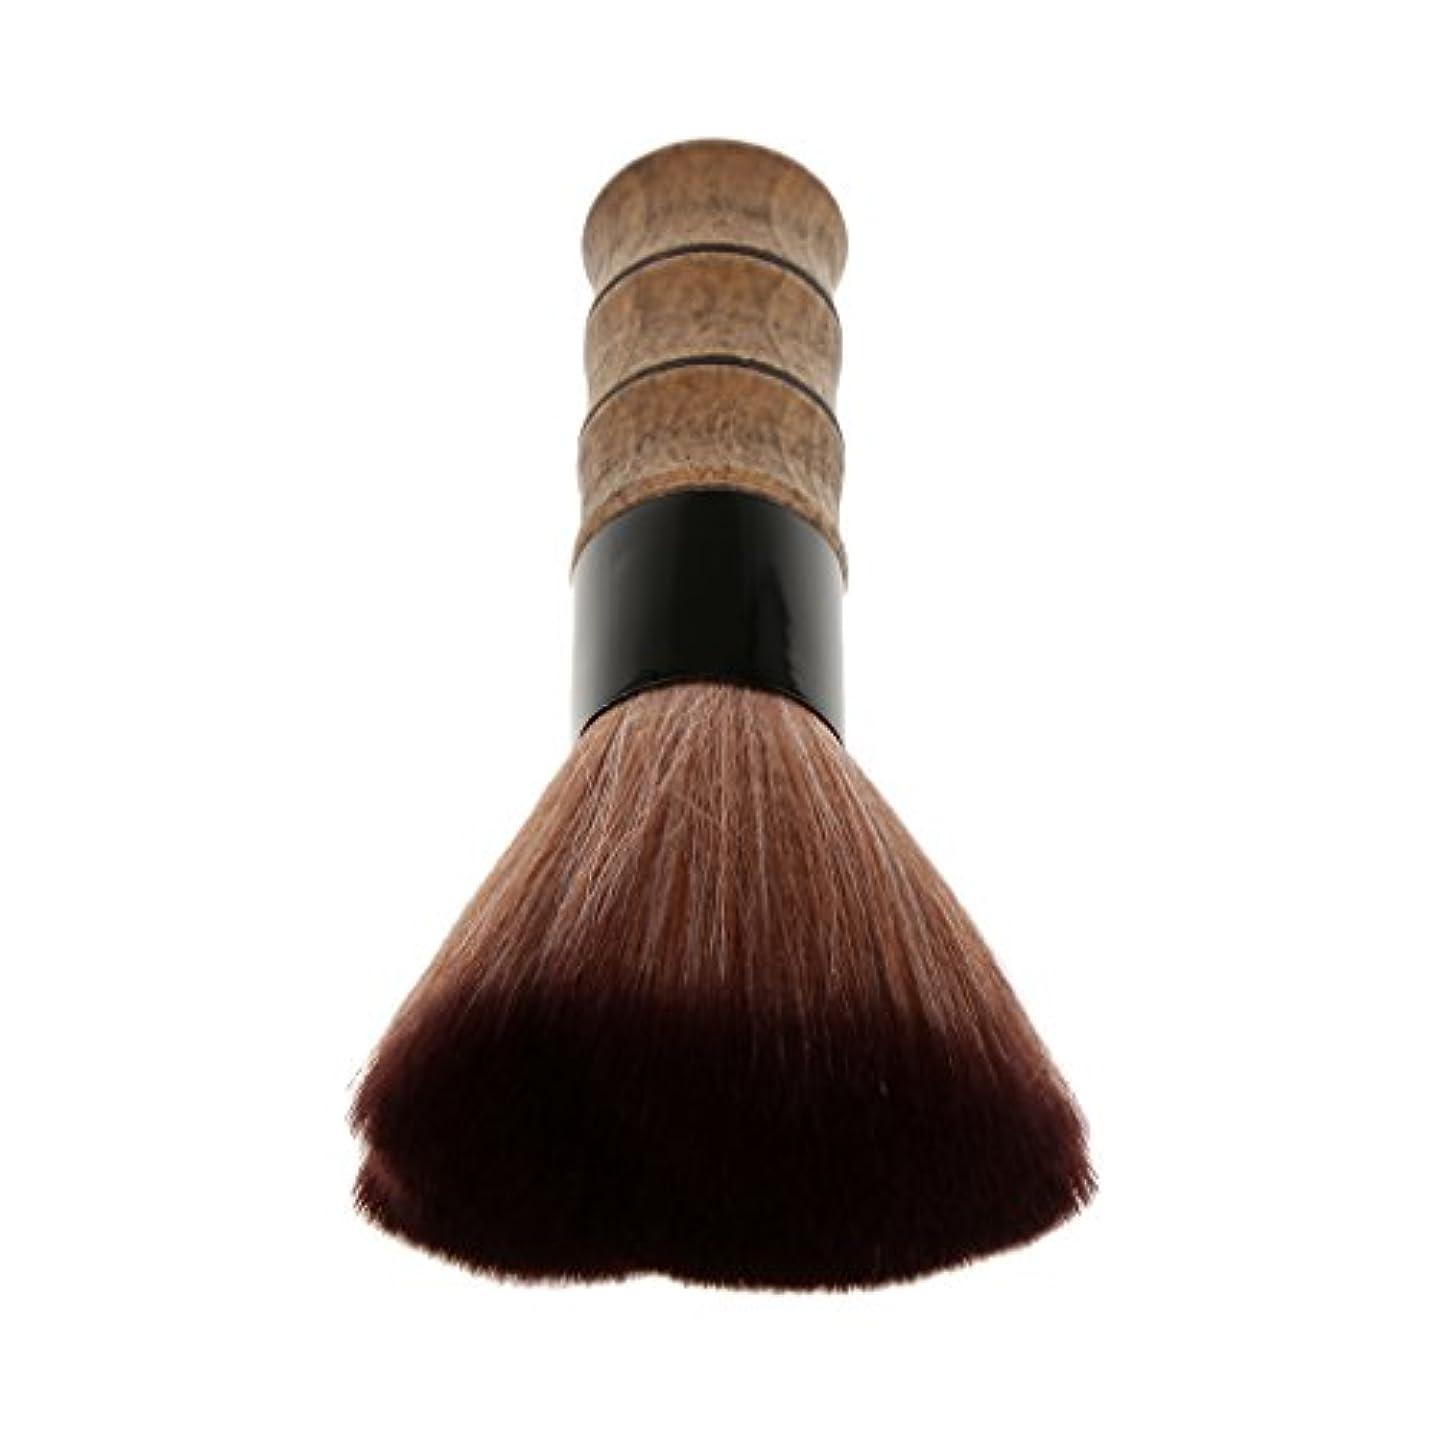 愛写真を描く半島メイクブラシ シェービングブラシ 超柔らかい 繊維 木製ハンドル 泡立ち 快適 洗顔 プレゼント 2色選べる - 褐色